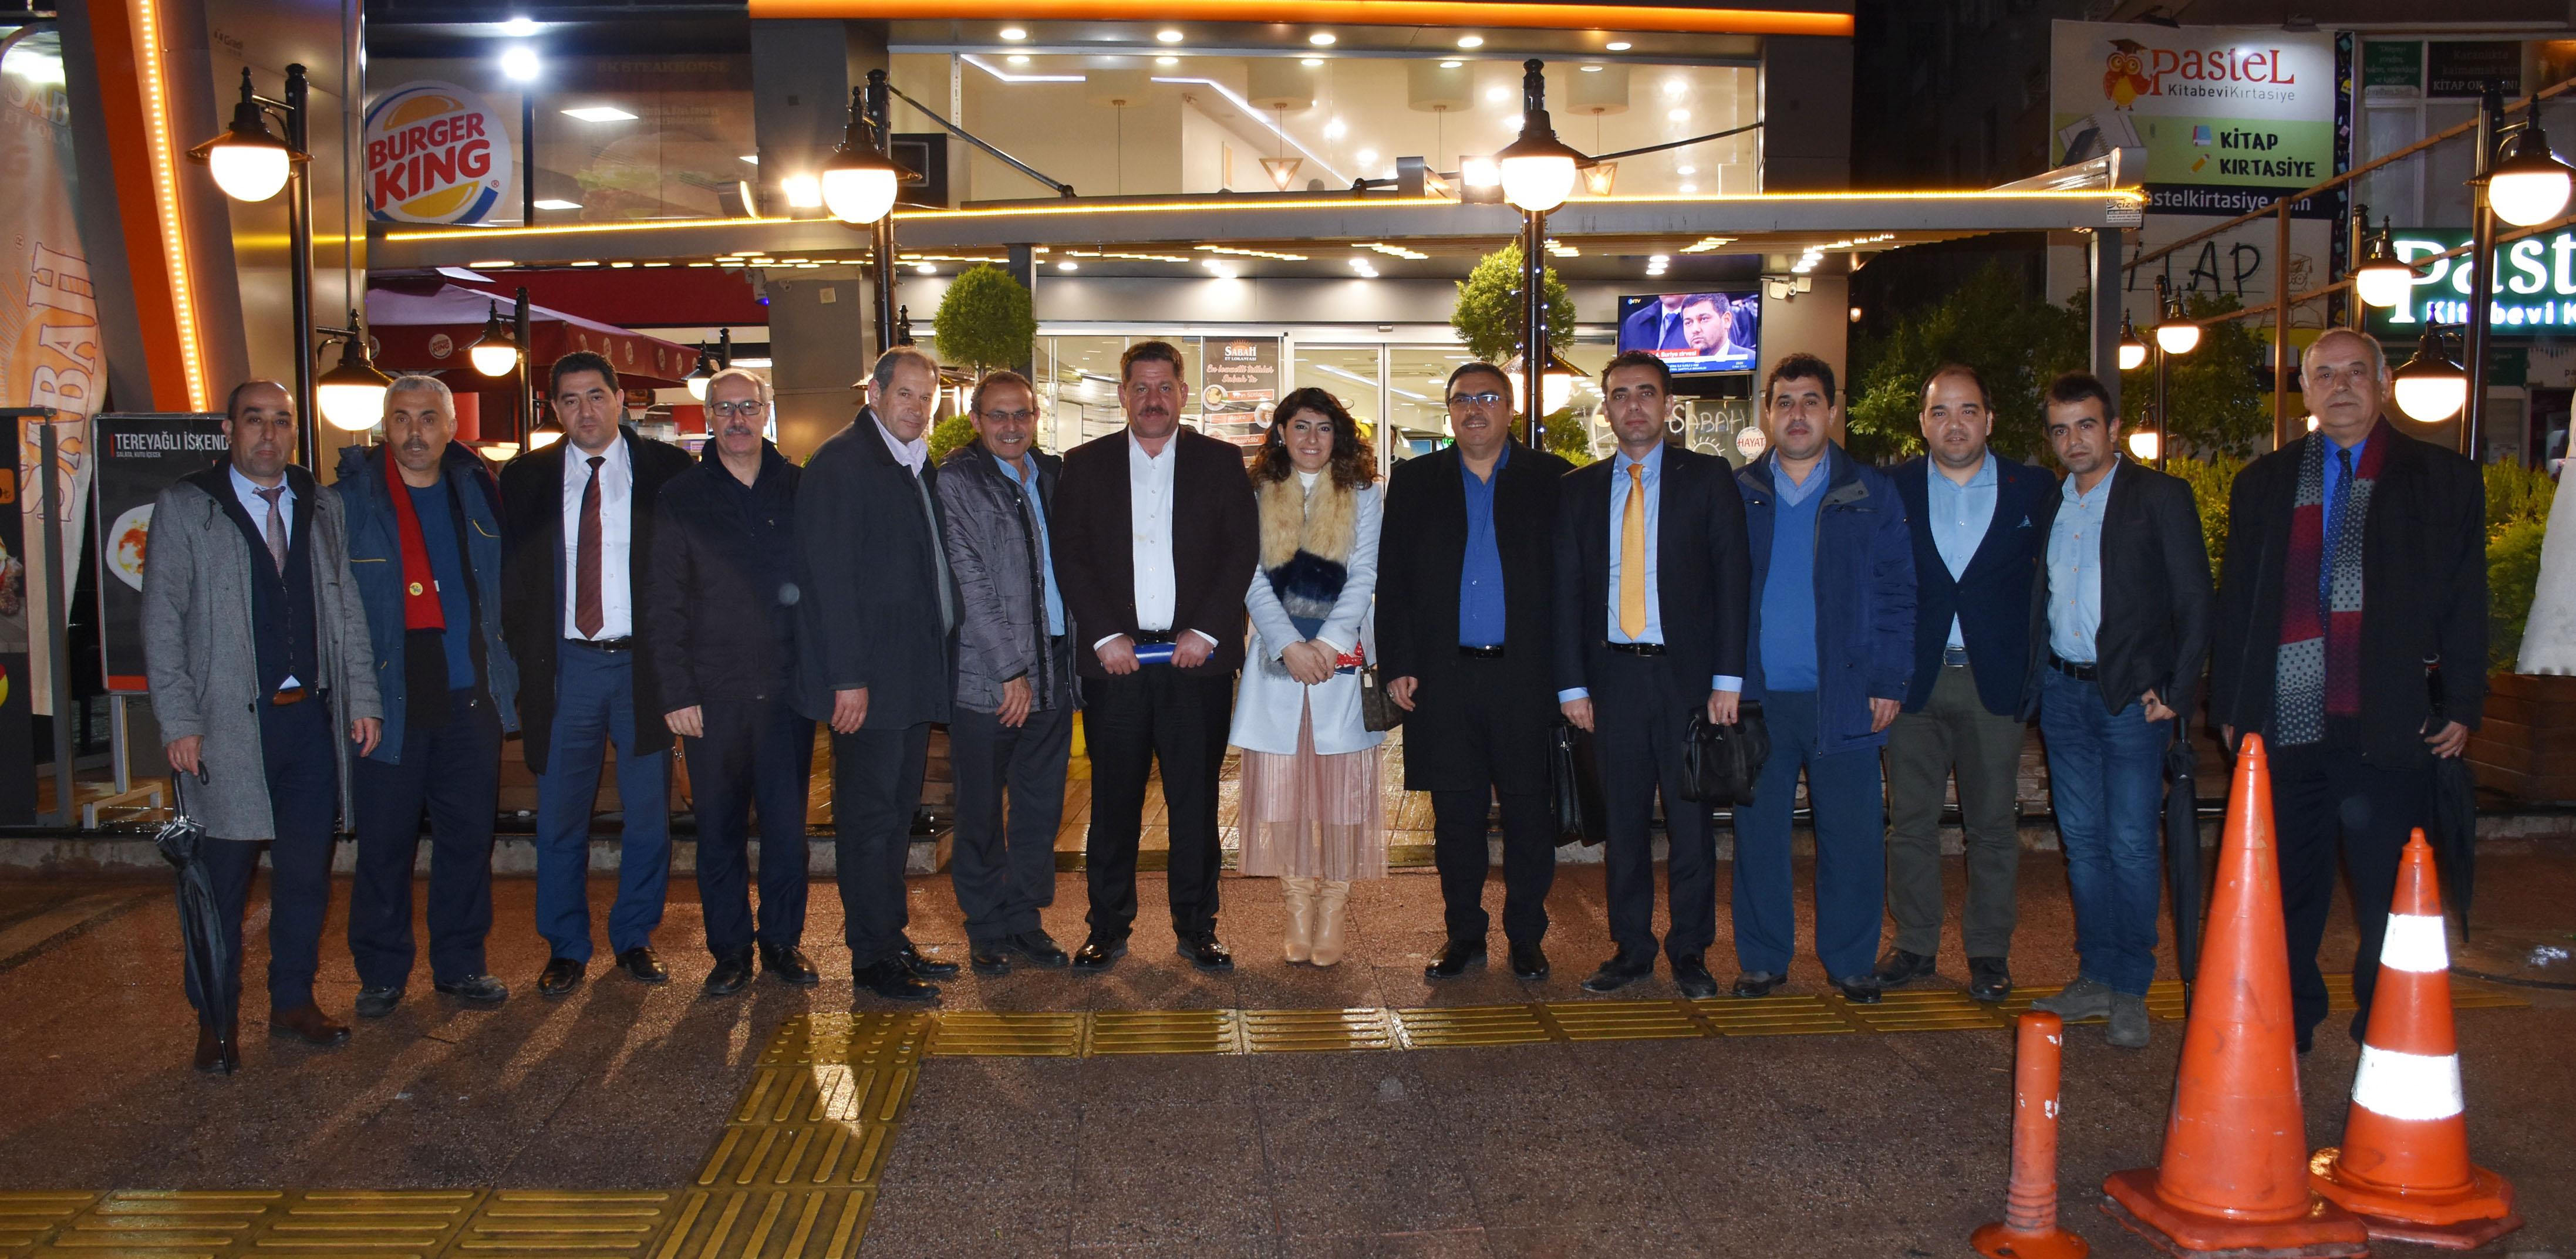 Budak ve Burgaç, Mersin Teşkilatını Ziyaret Etti